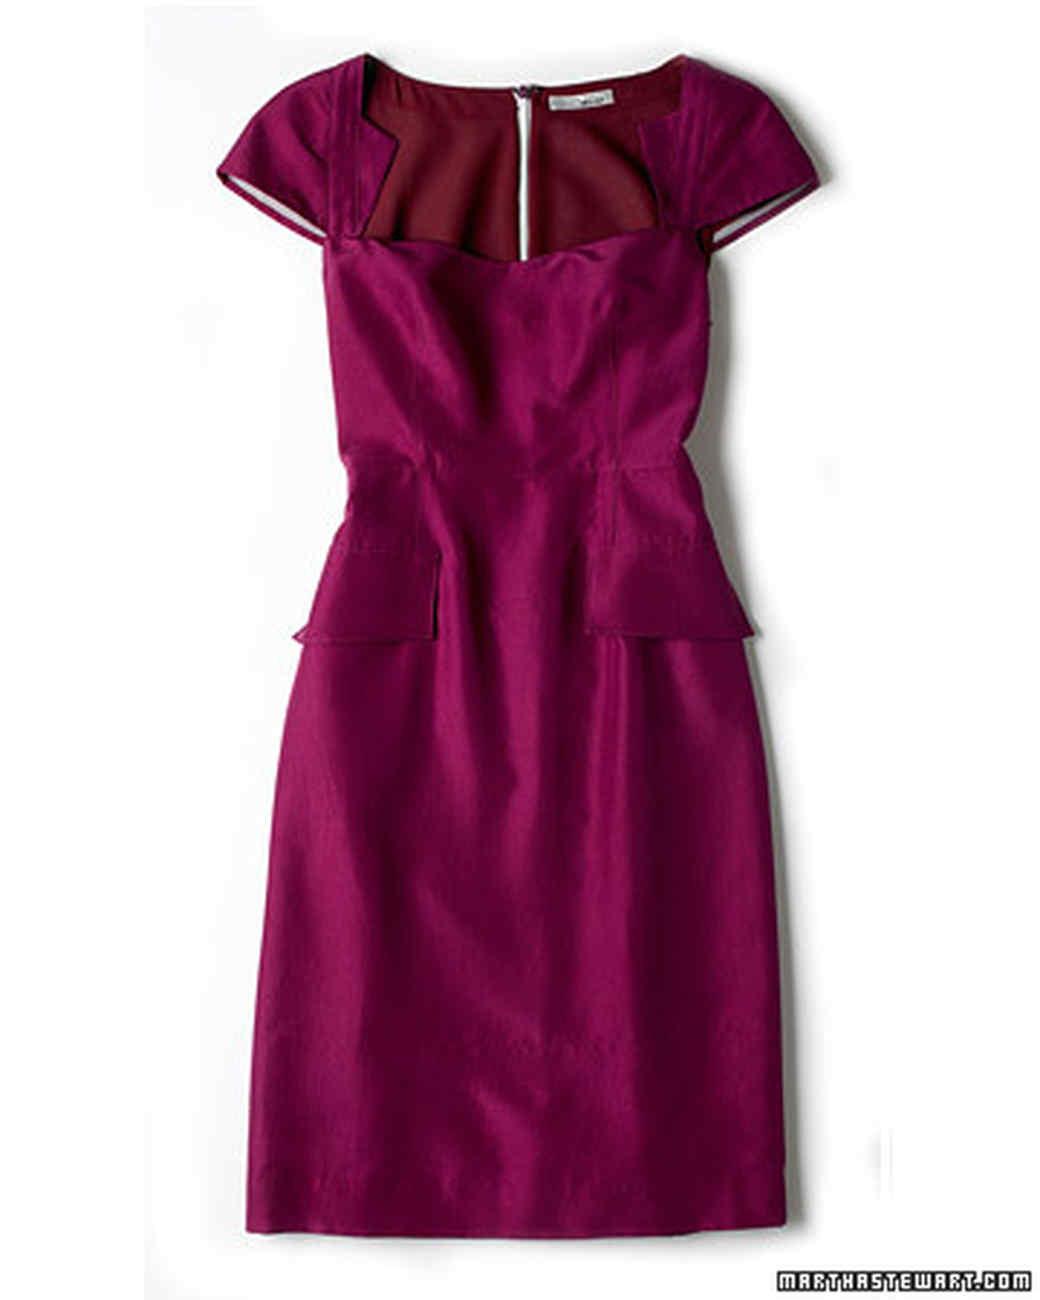 pd103242_0907_pmp_dress.jpg